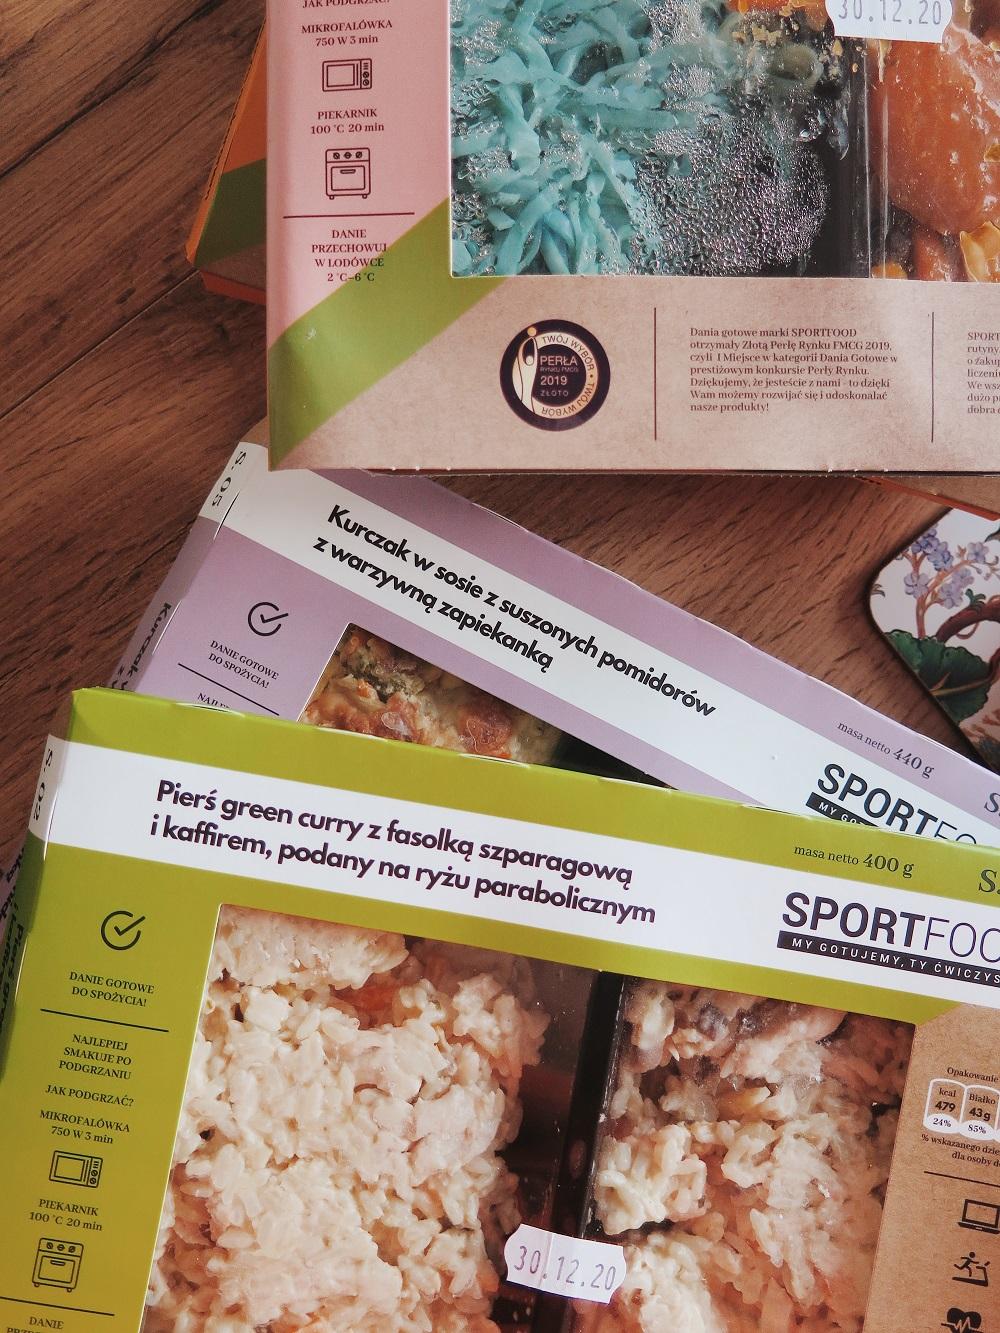 SPORTFOOD  Sposób na szybki i zdrowy obiad w Twoim domu i nietylko